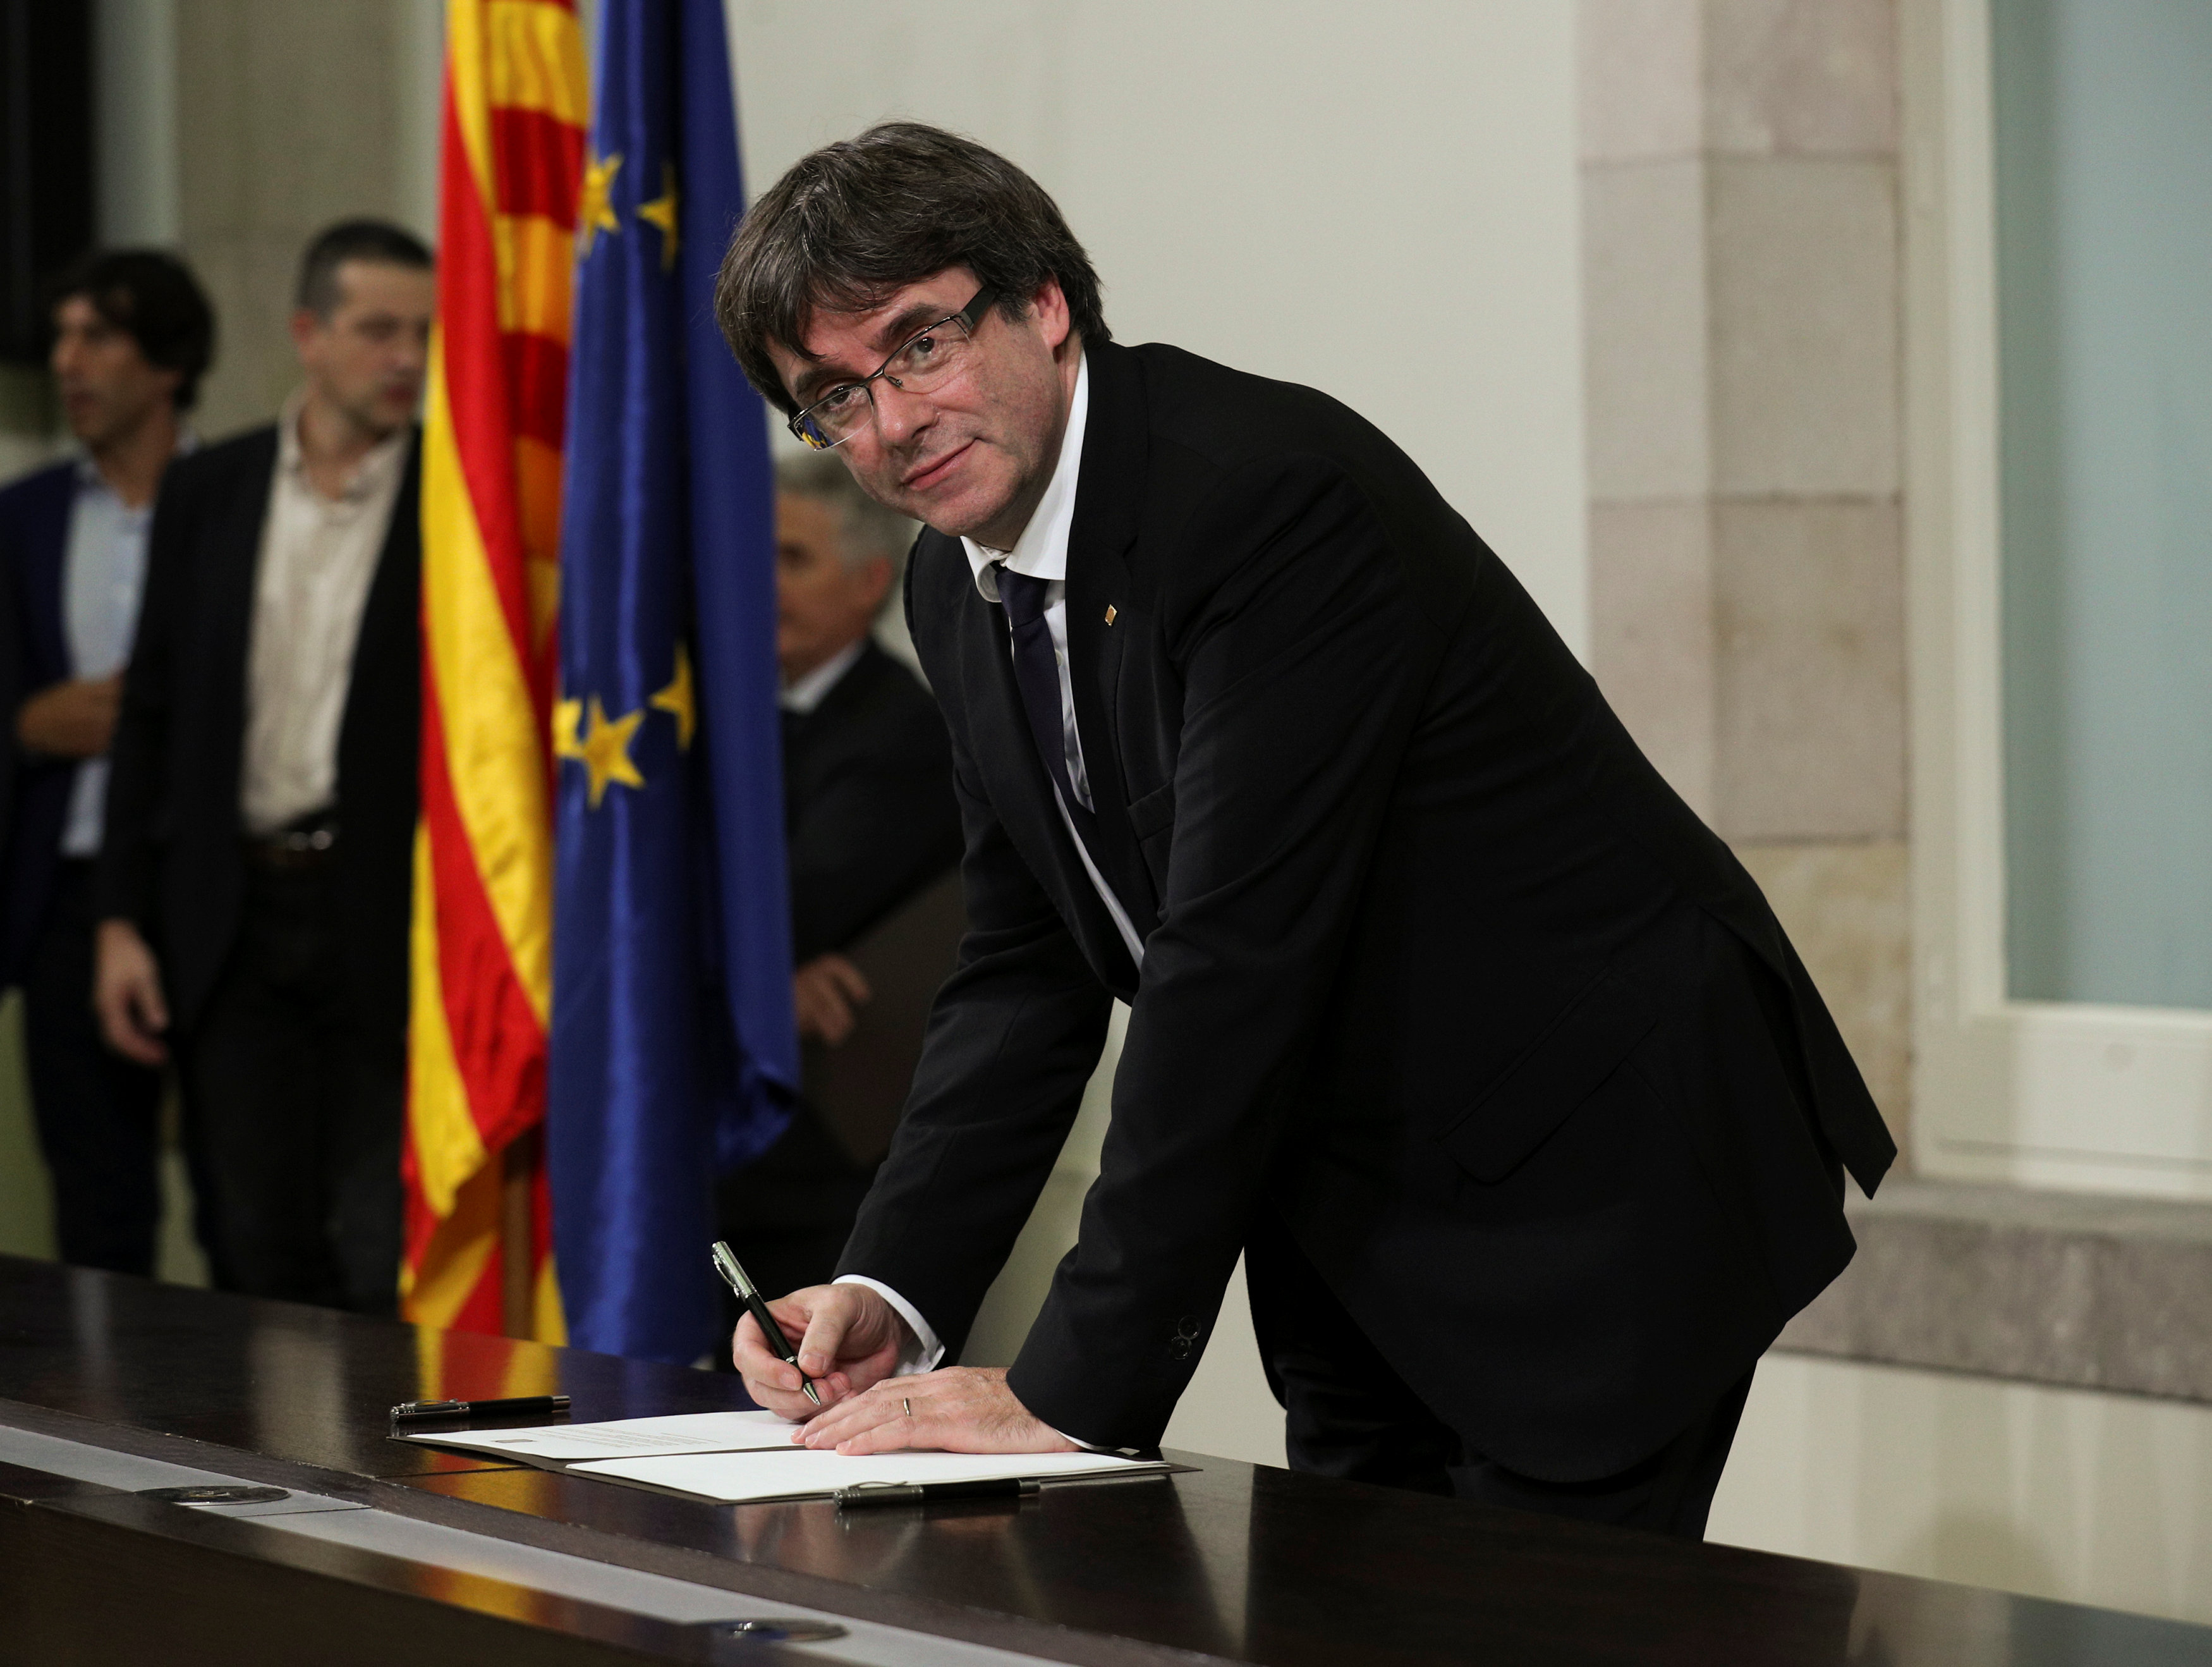 España rechaza diálogo con Gobierno catalán y evalúa respuesta